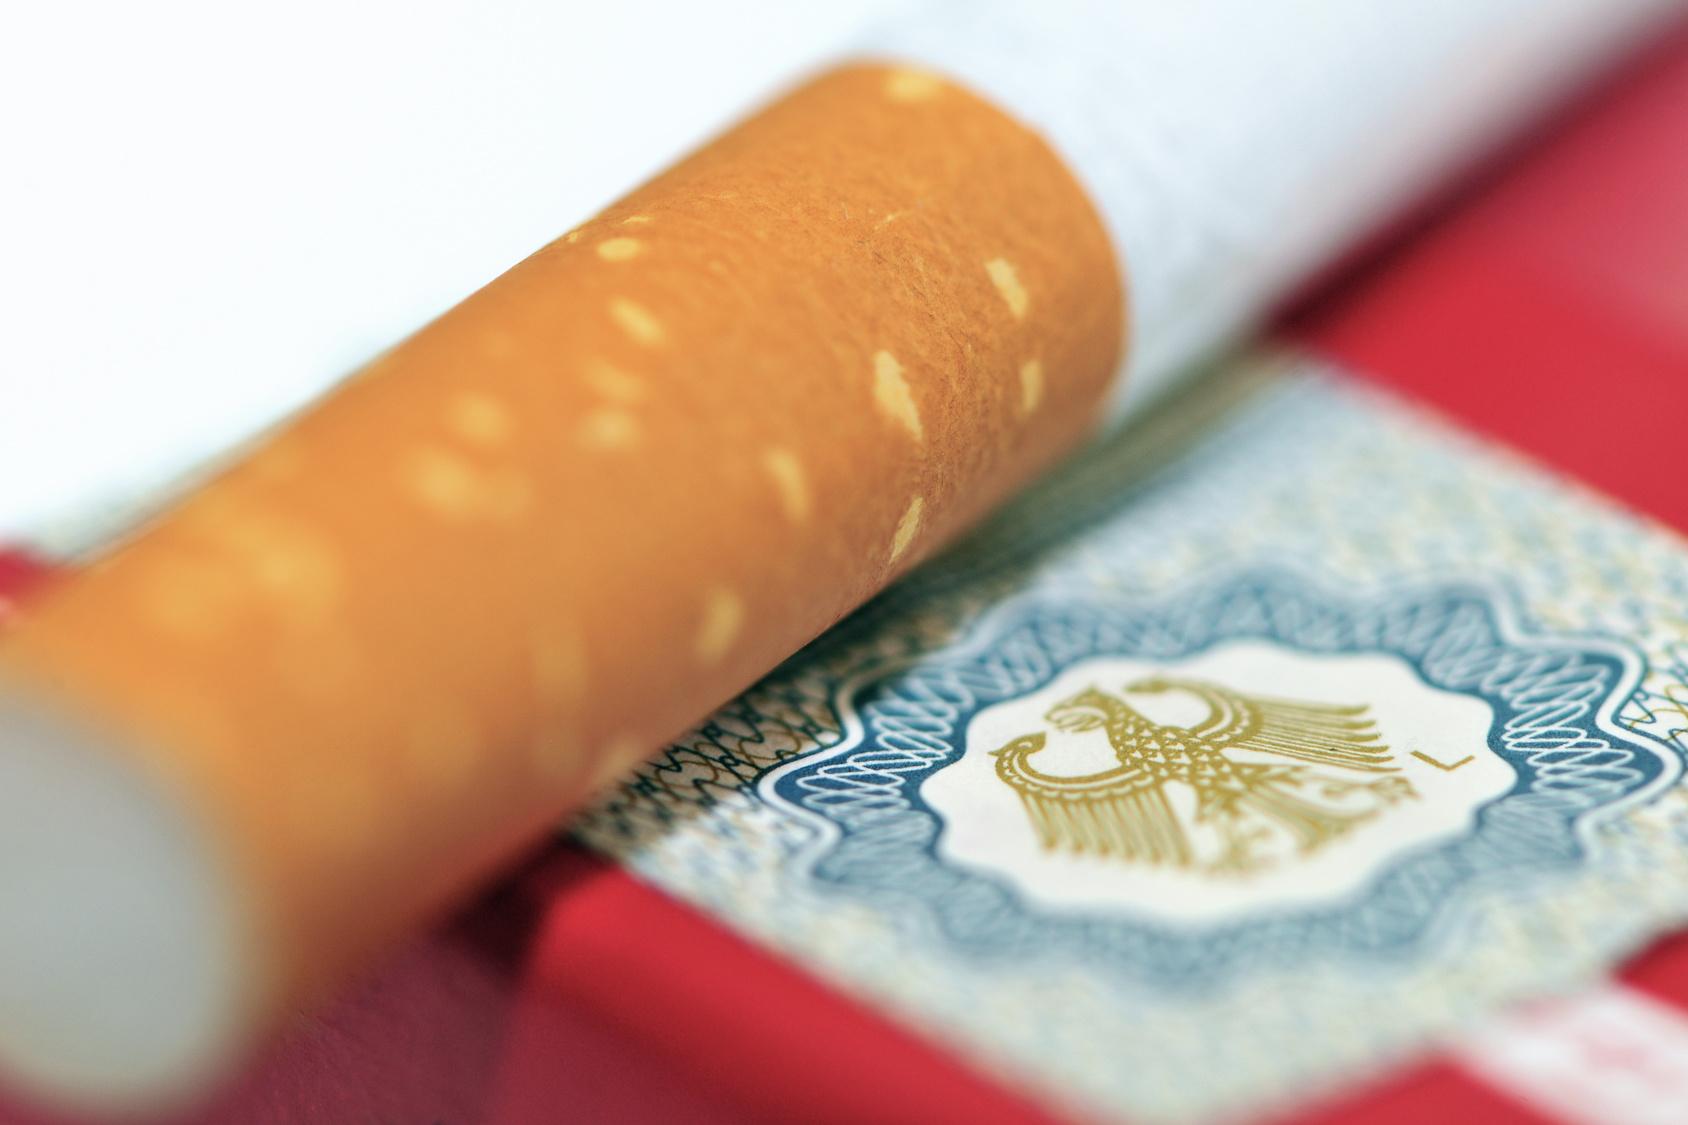 Schockfotos auf Zigarettenschachteln Die Bilanz nach einem Jahr!